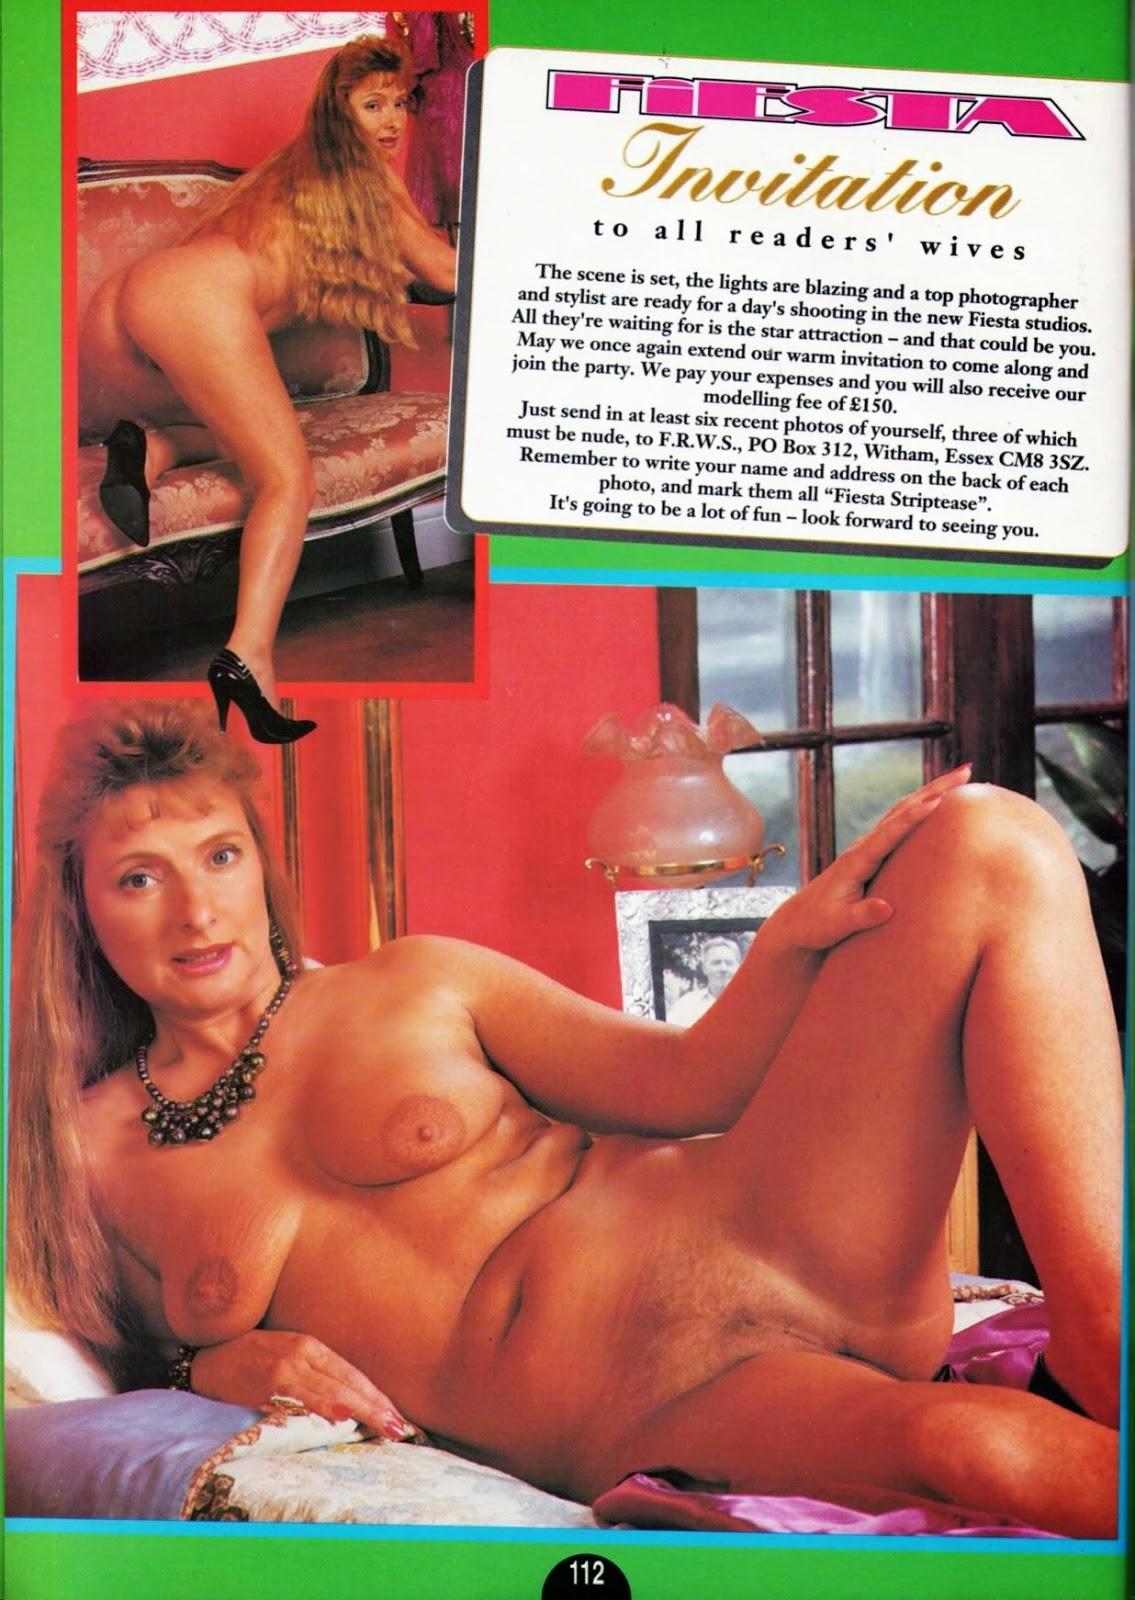 colorado craigslist erotic services springs